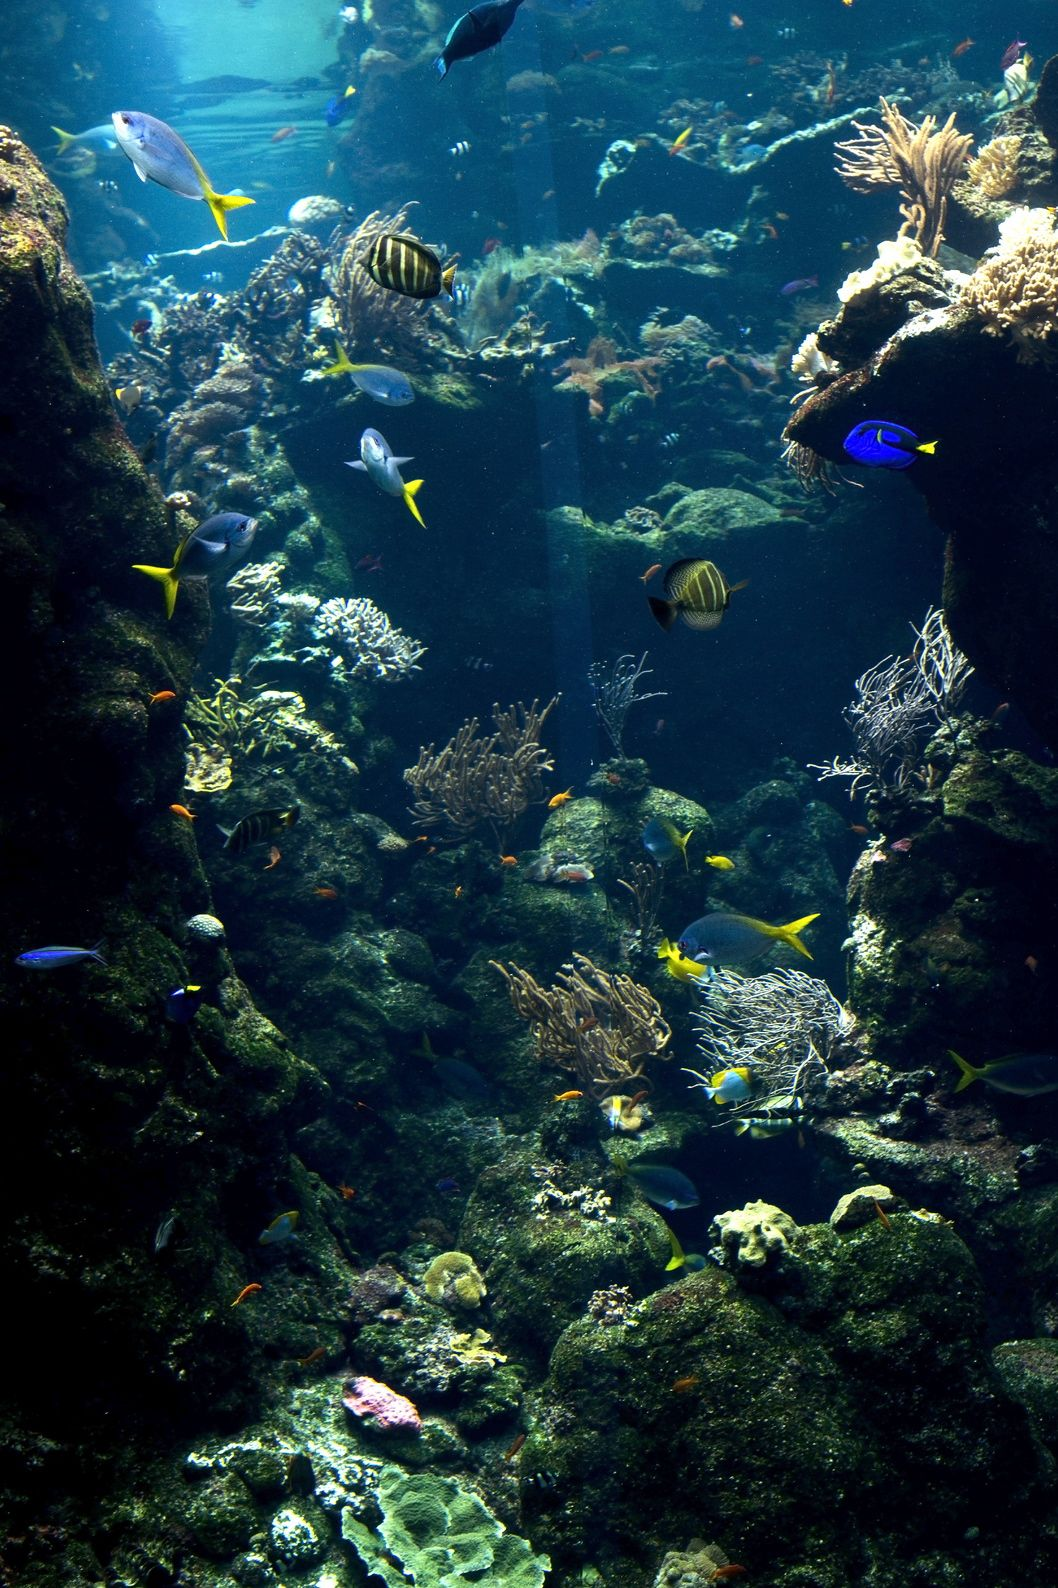 Fons mar breathtaking photography sea ocean pictures sea creatures - Fotos fondo del mar ...